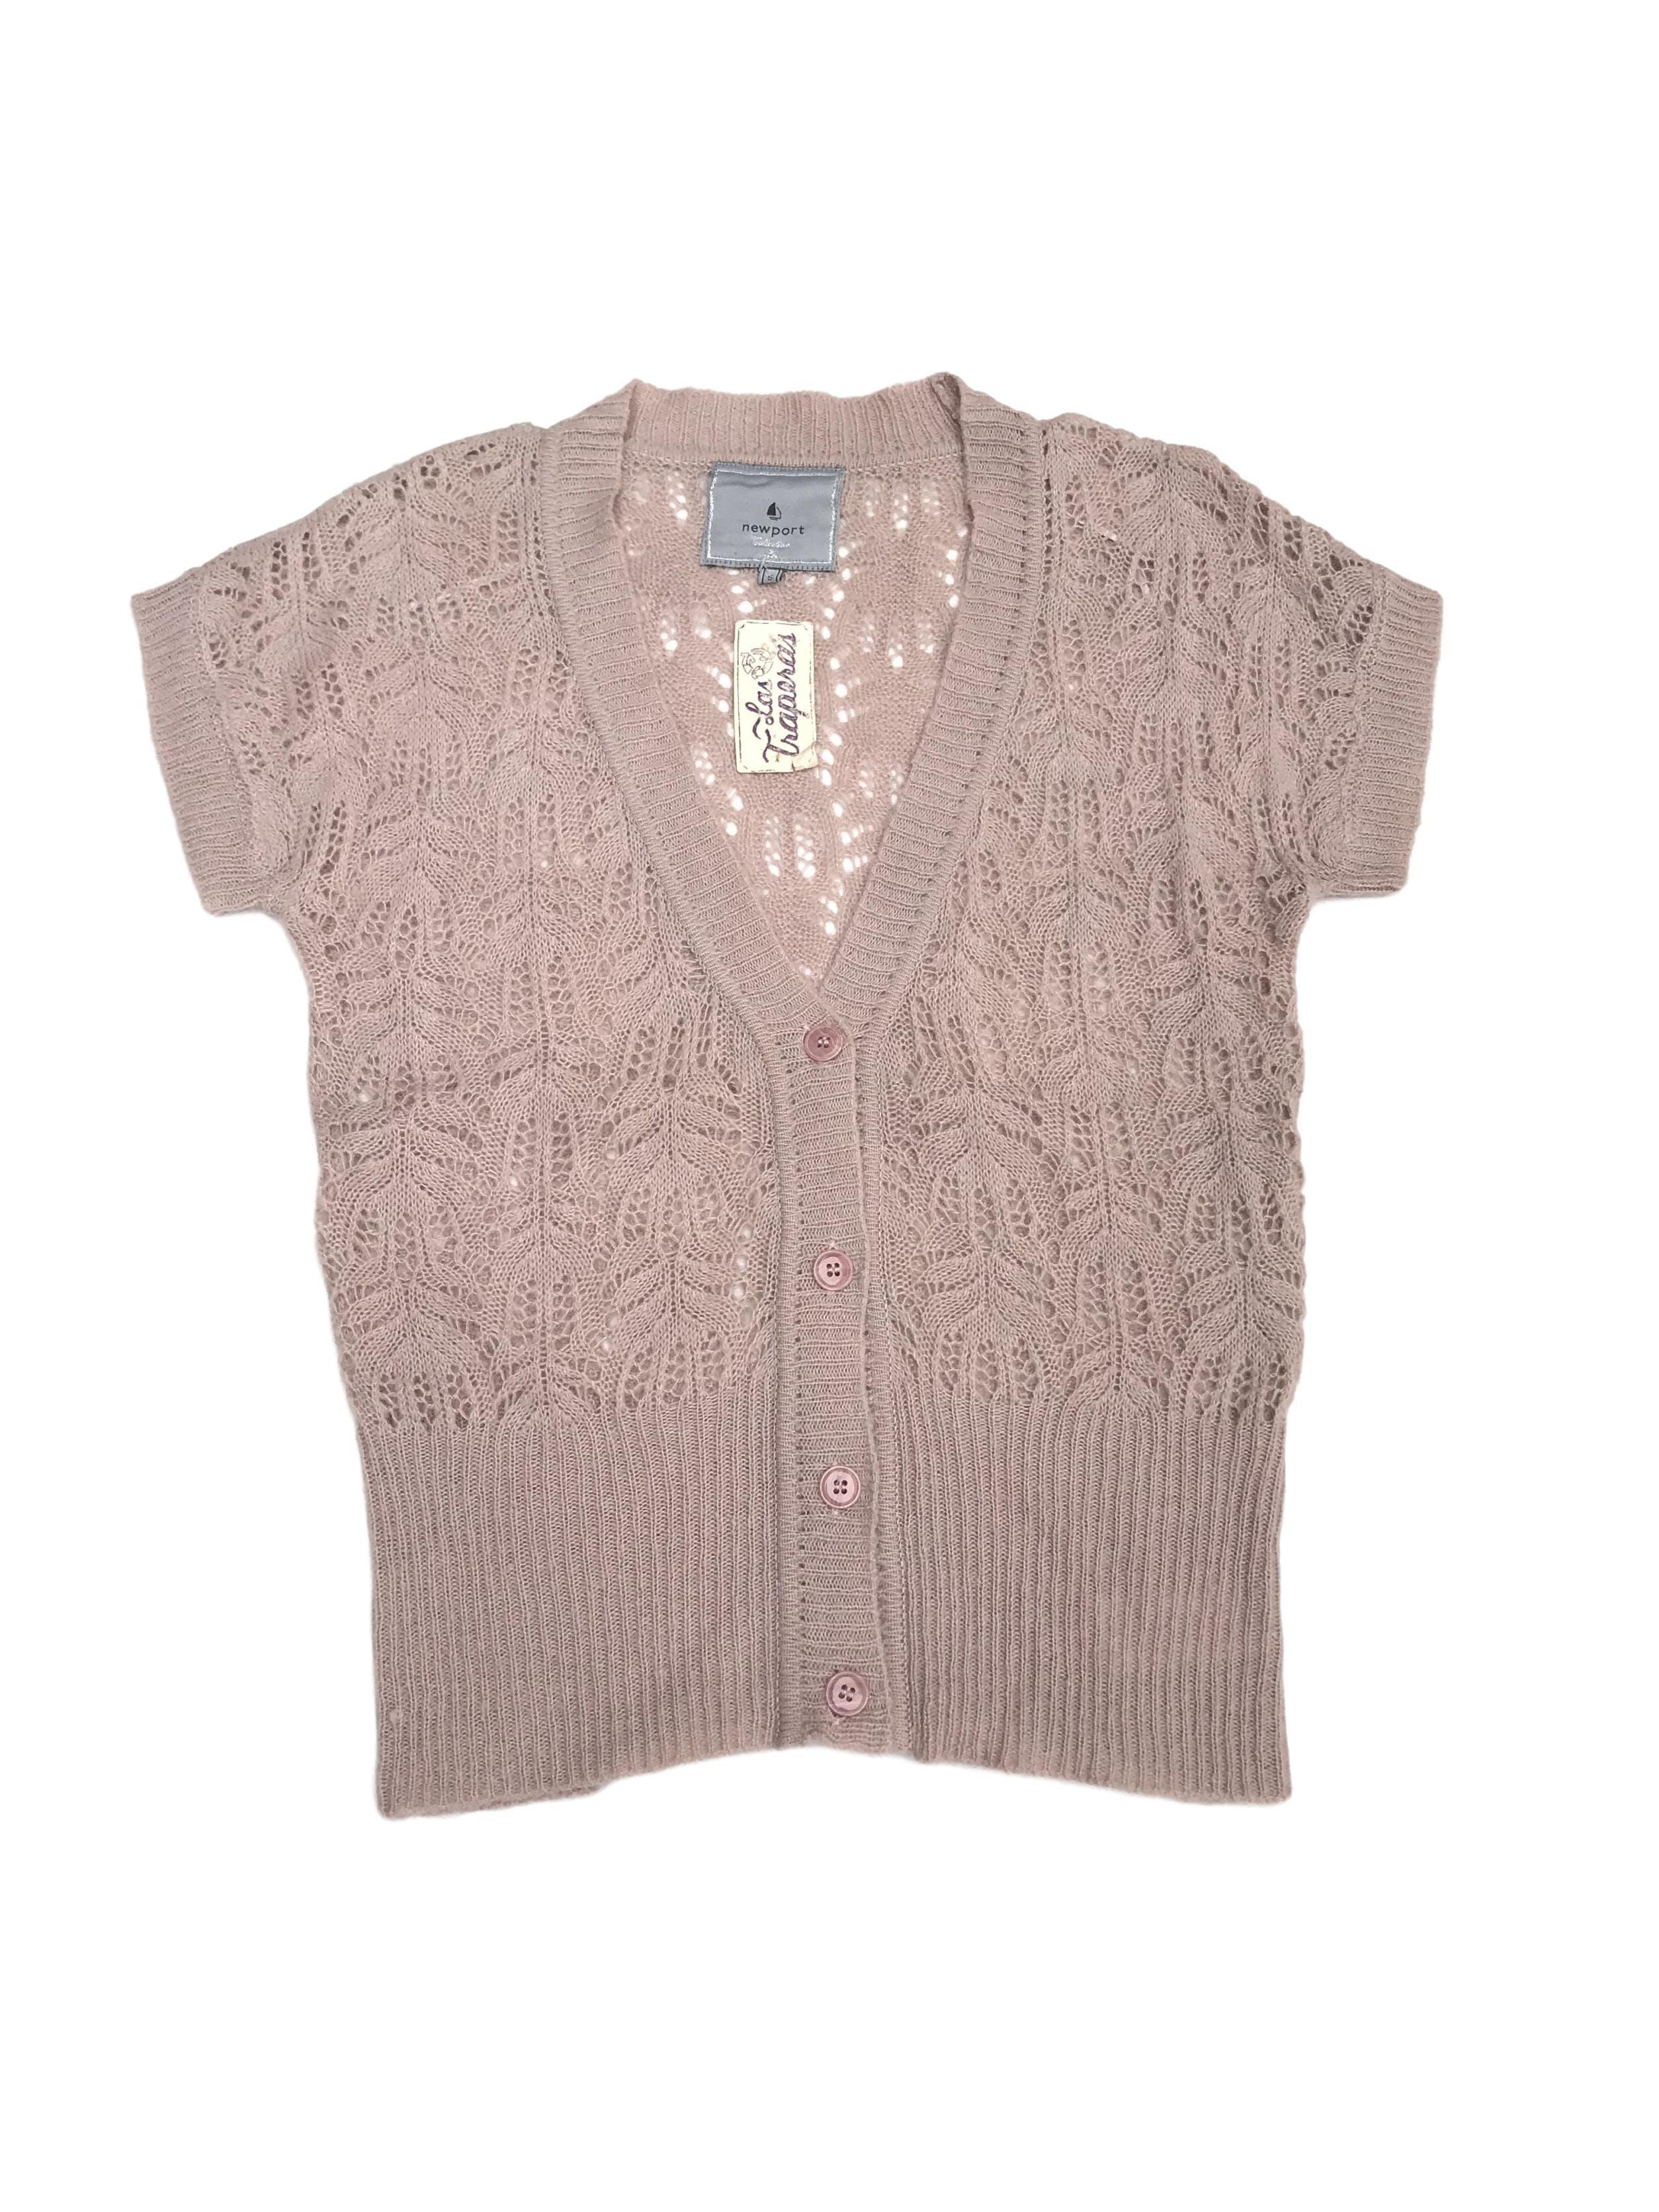 Chompa tejido palo rosa con calados, cuello V, manga corta y botones